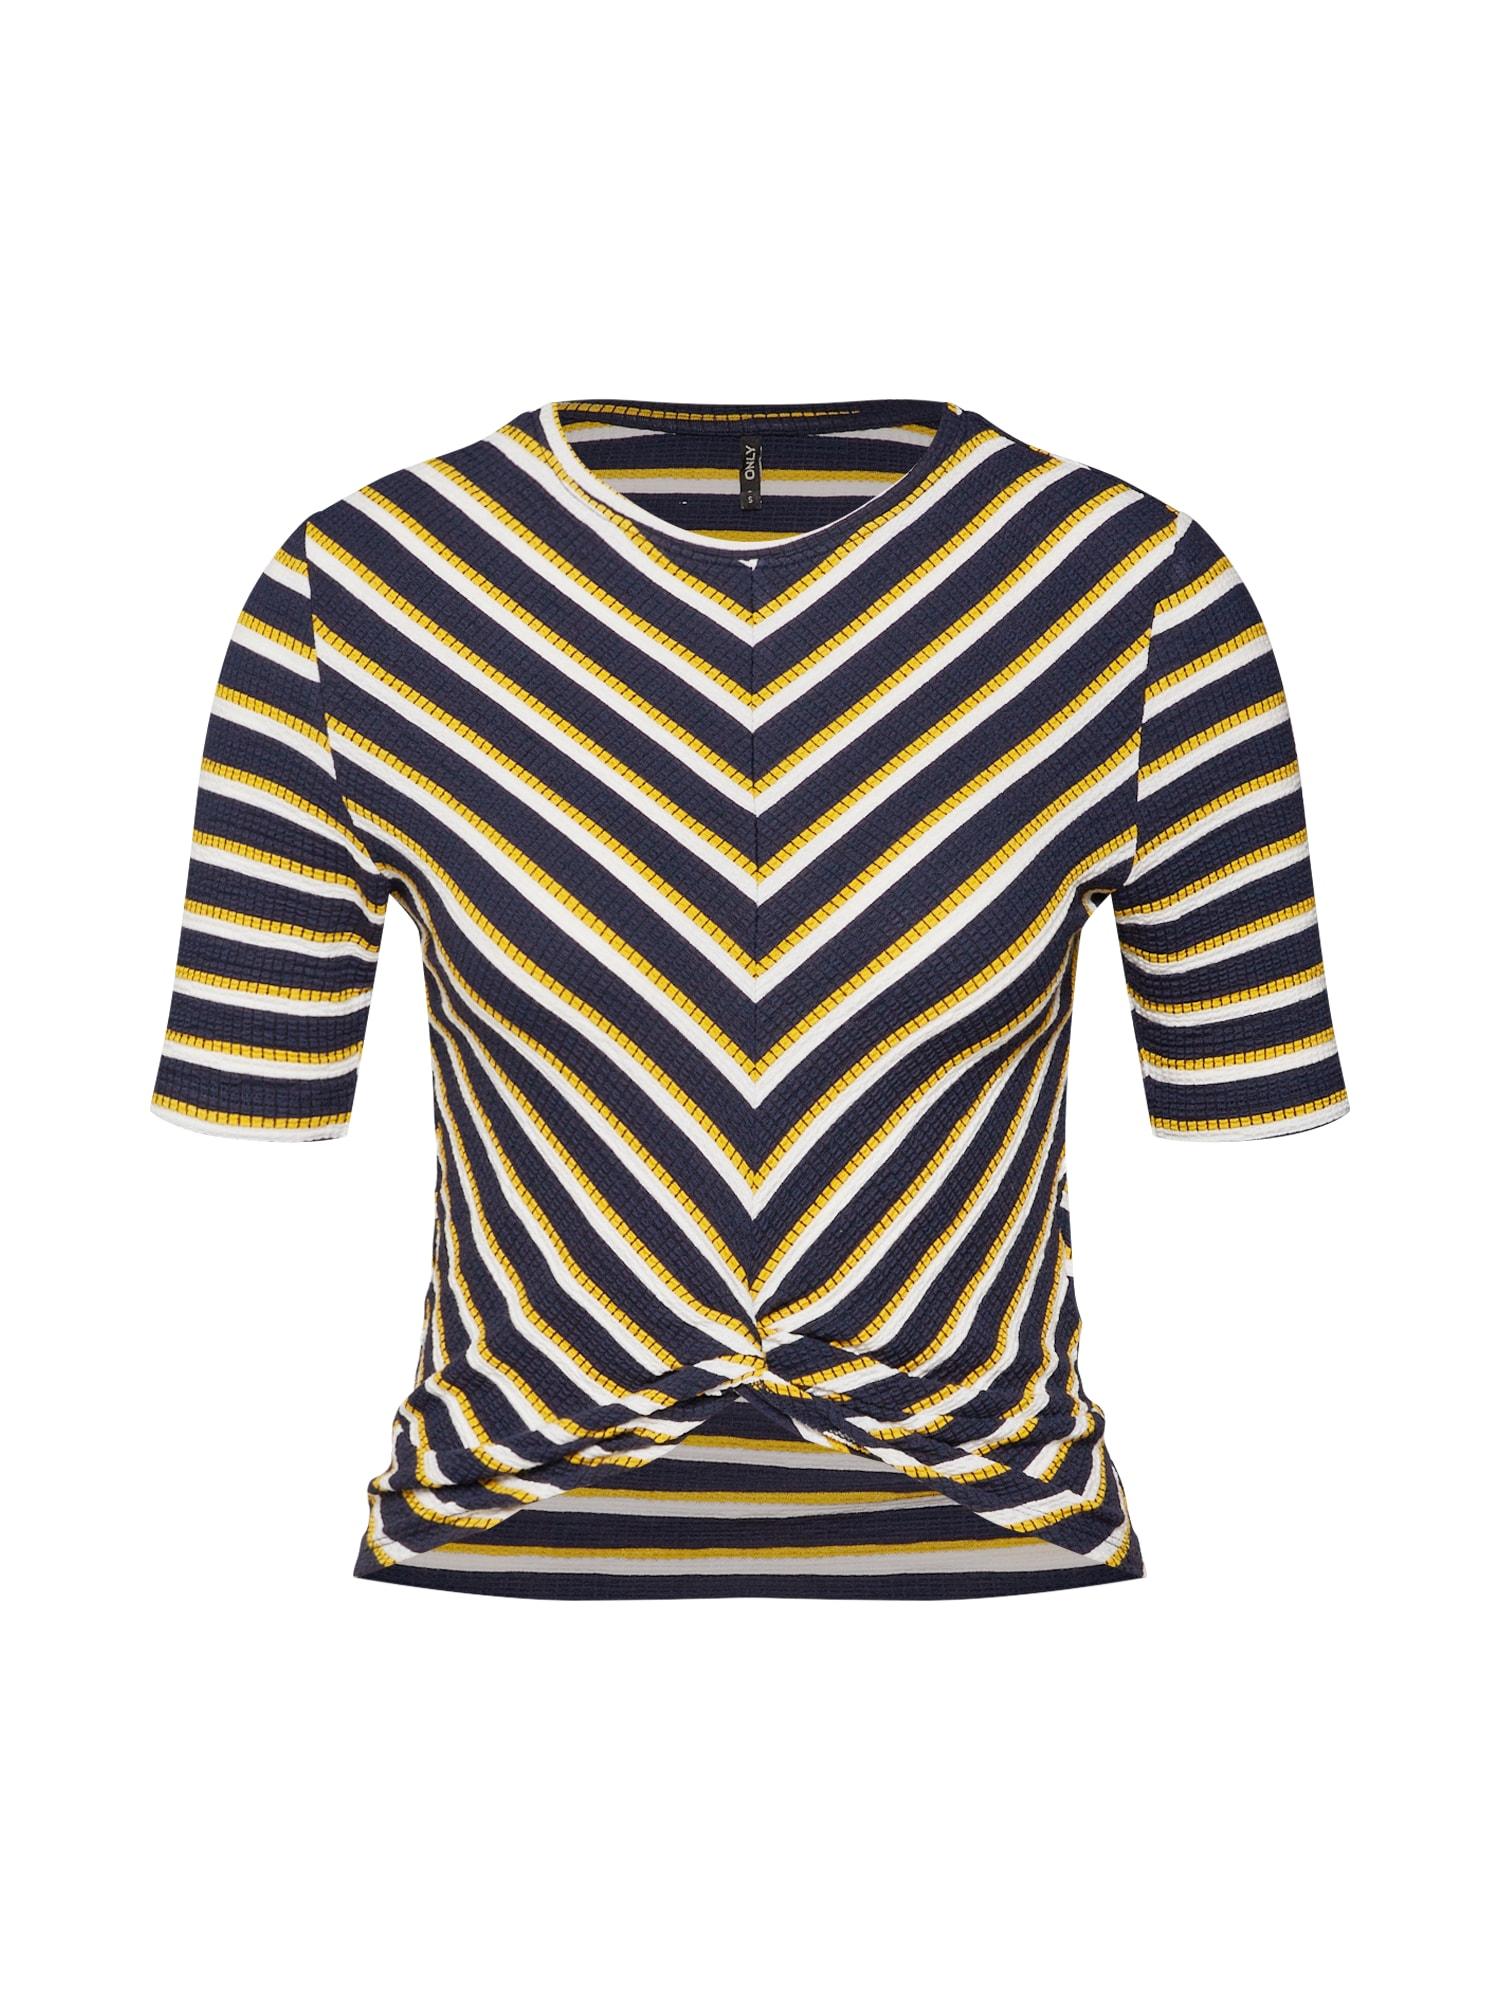 Tričko onlZETA noční modrá žlutá bílá ONLY